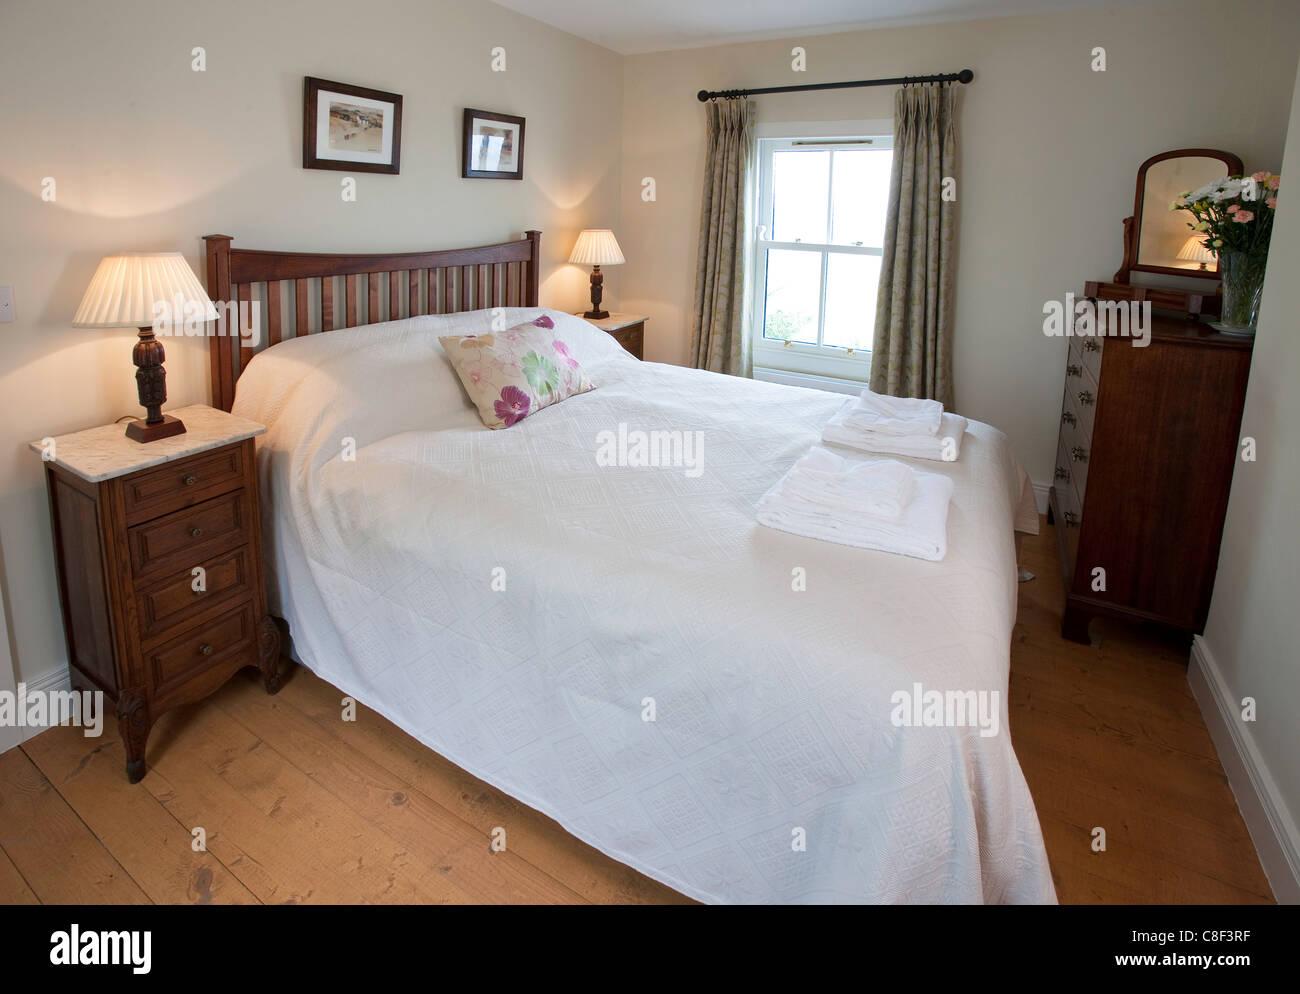 Fotografía de interiores de una habitación en una casa rural de Irlanda Imagen De Stock